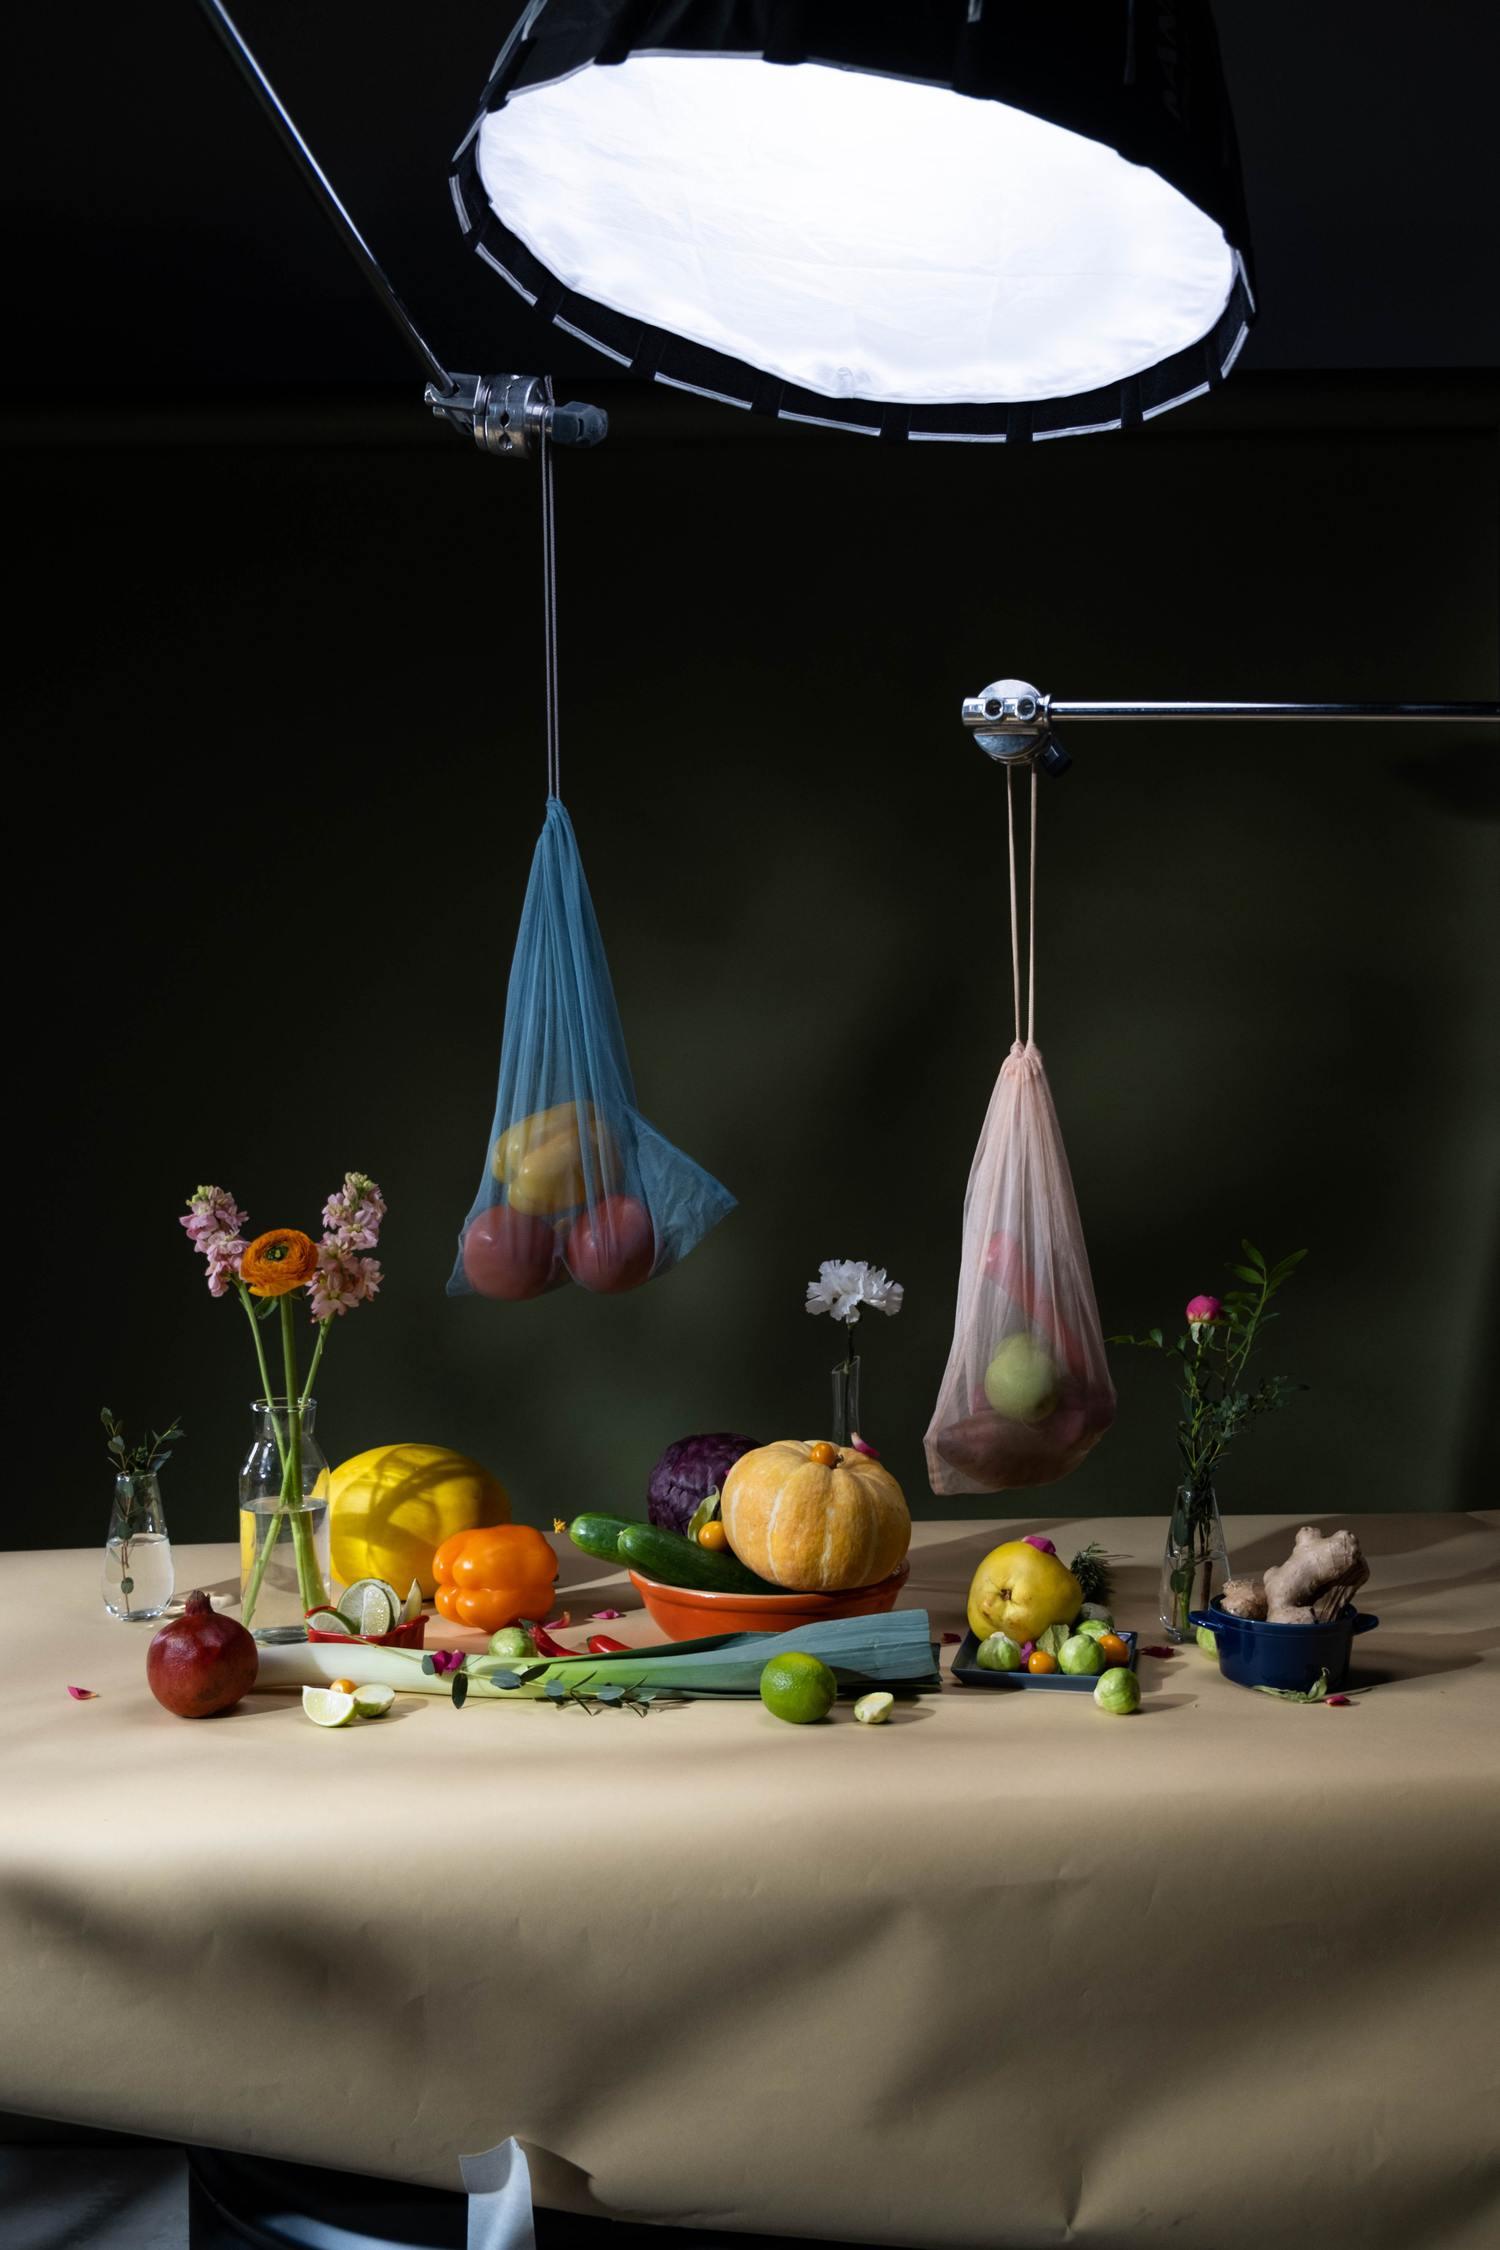 accesorios fotográficos de iluminación: ventanan de luz